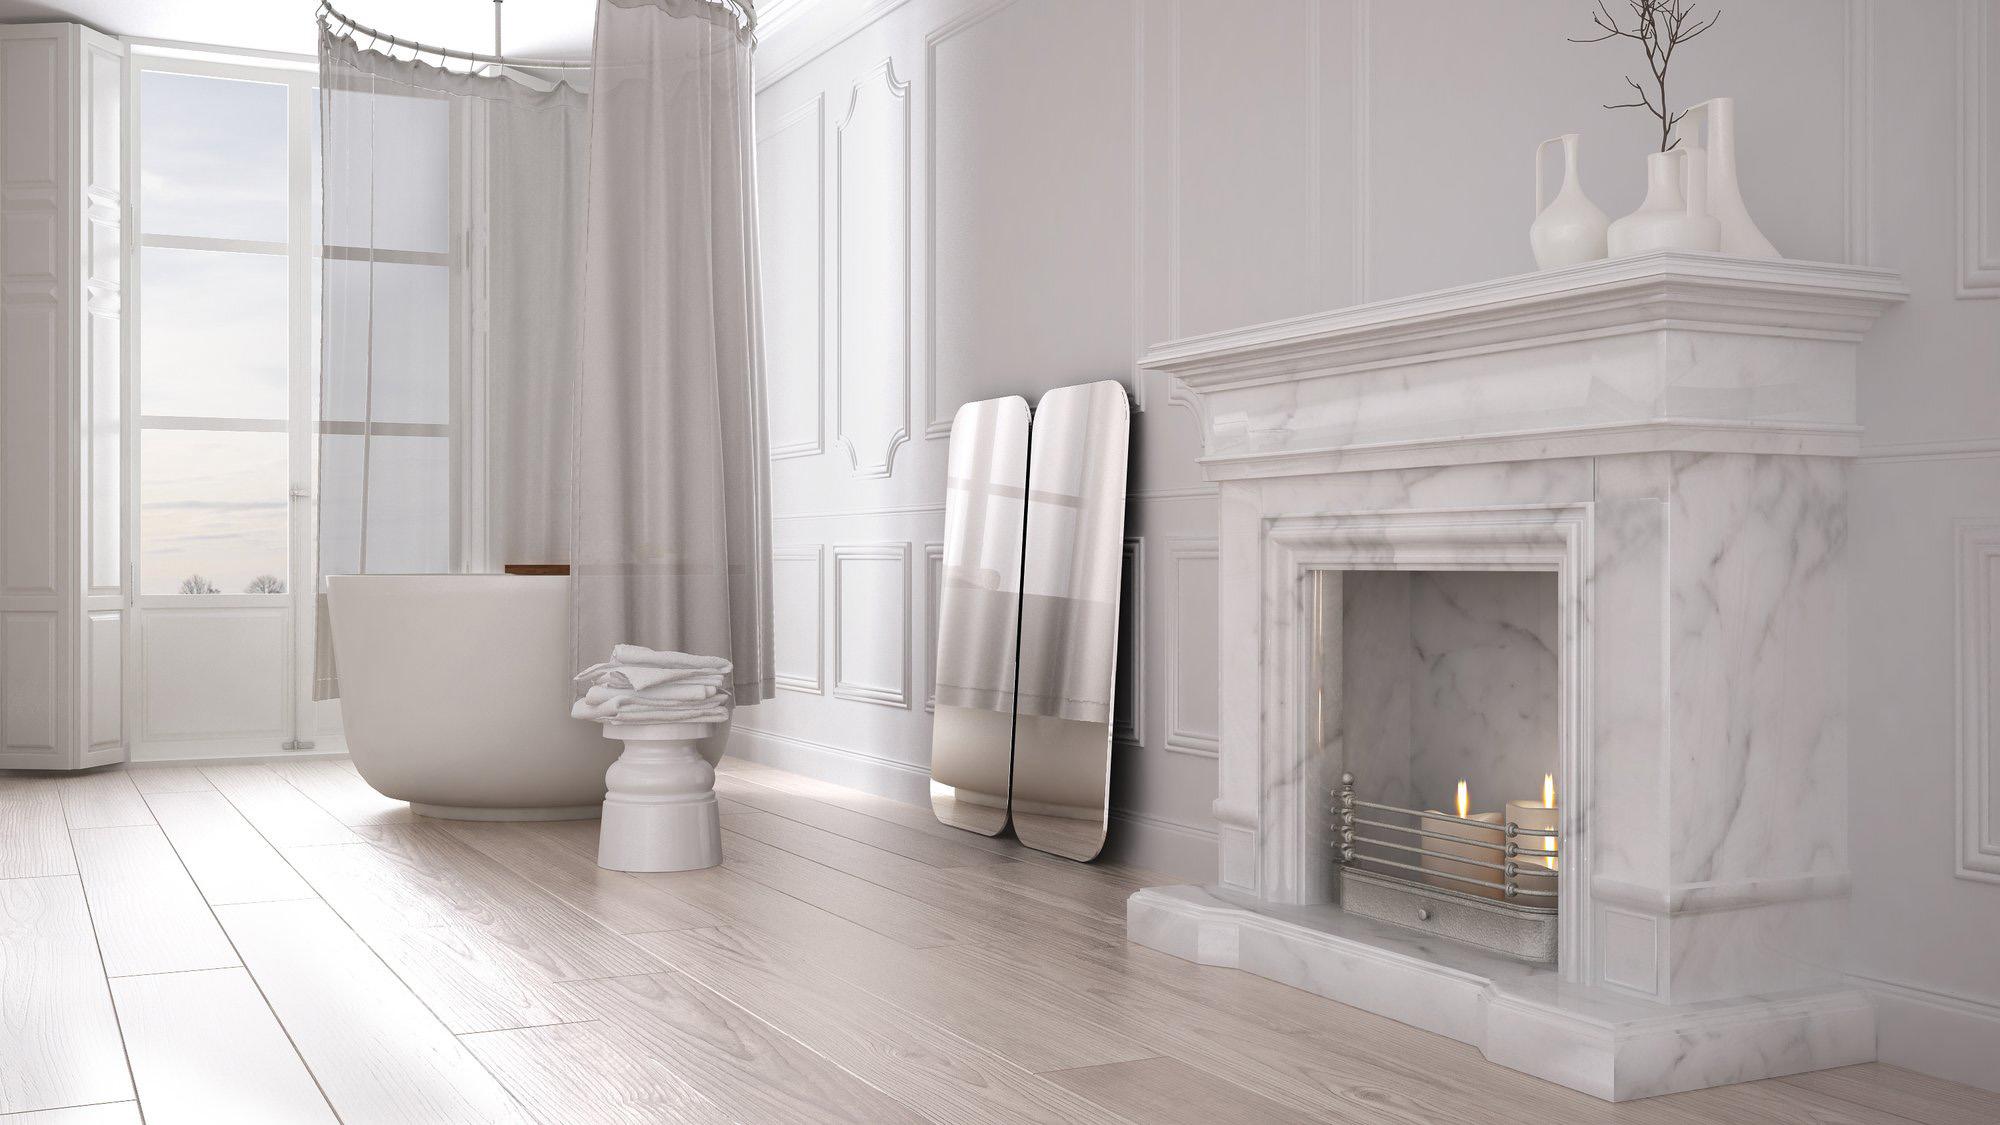 Cheminée en marbre blanc